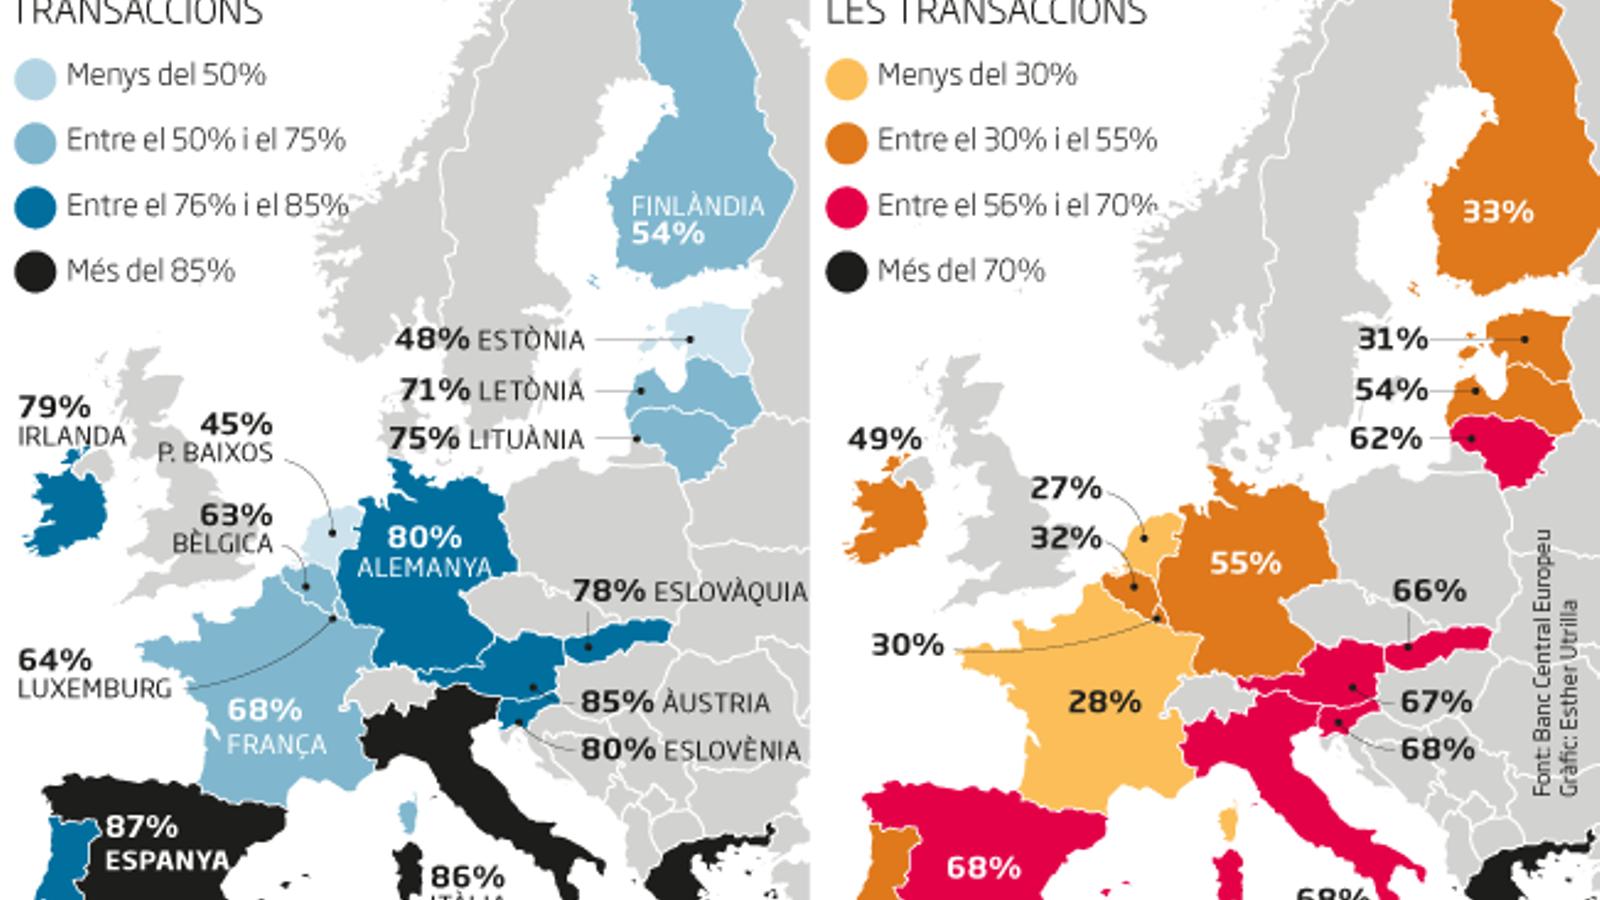 Els pagaments en efectiu als punts de venda a l'Eurozona